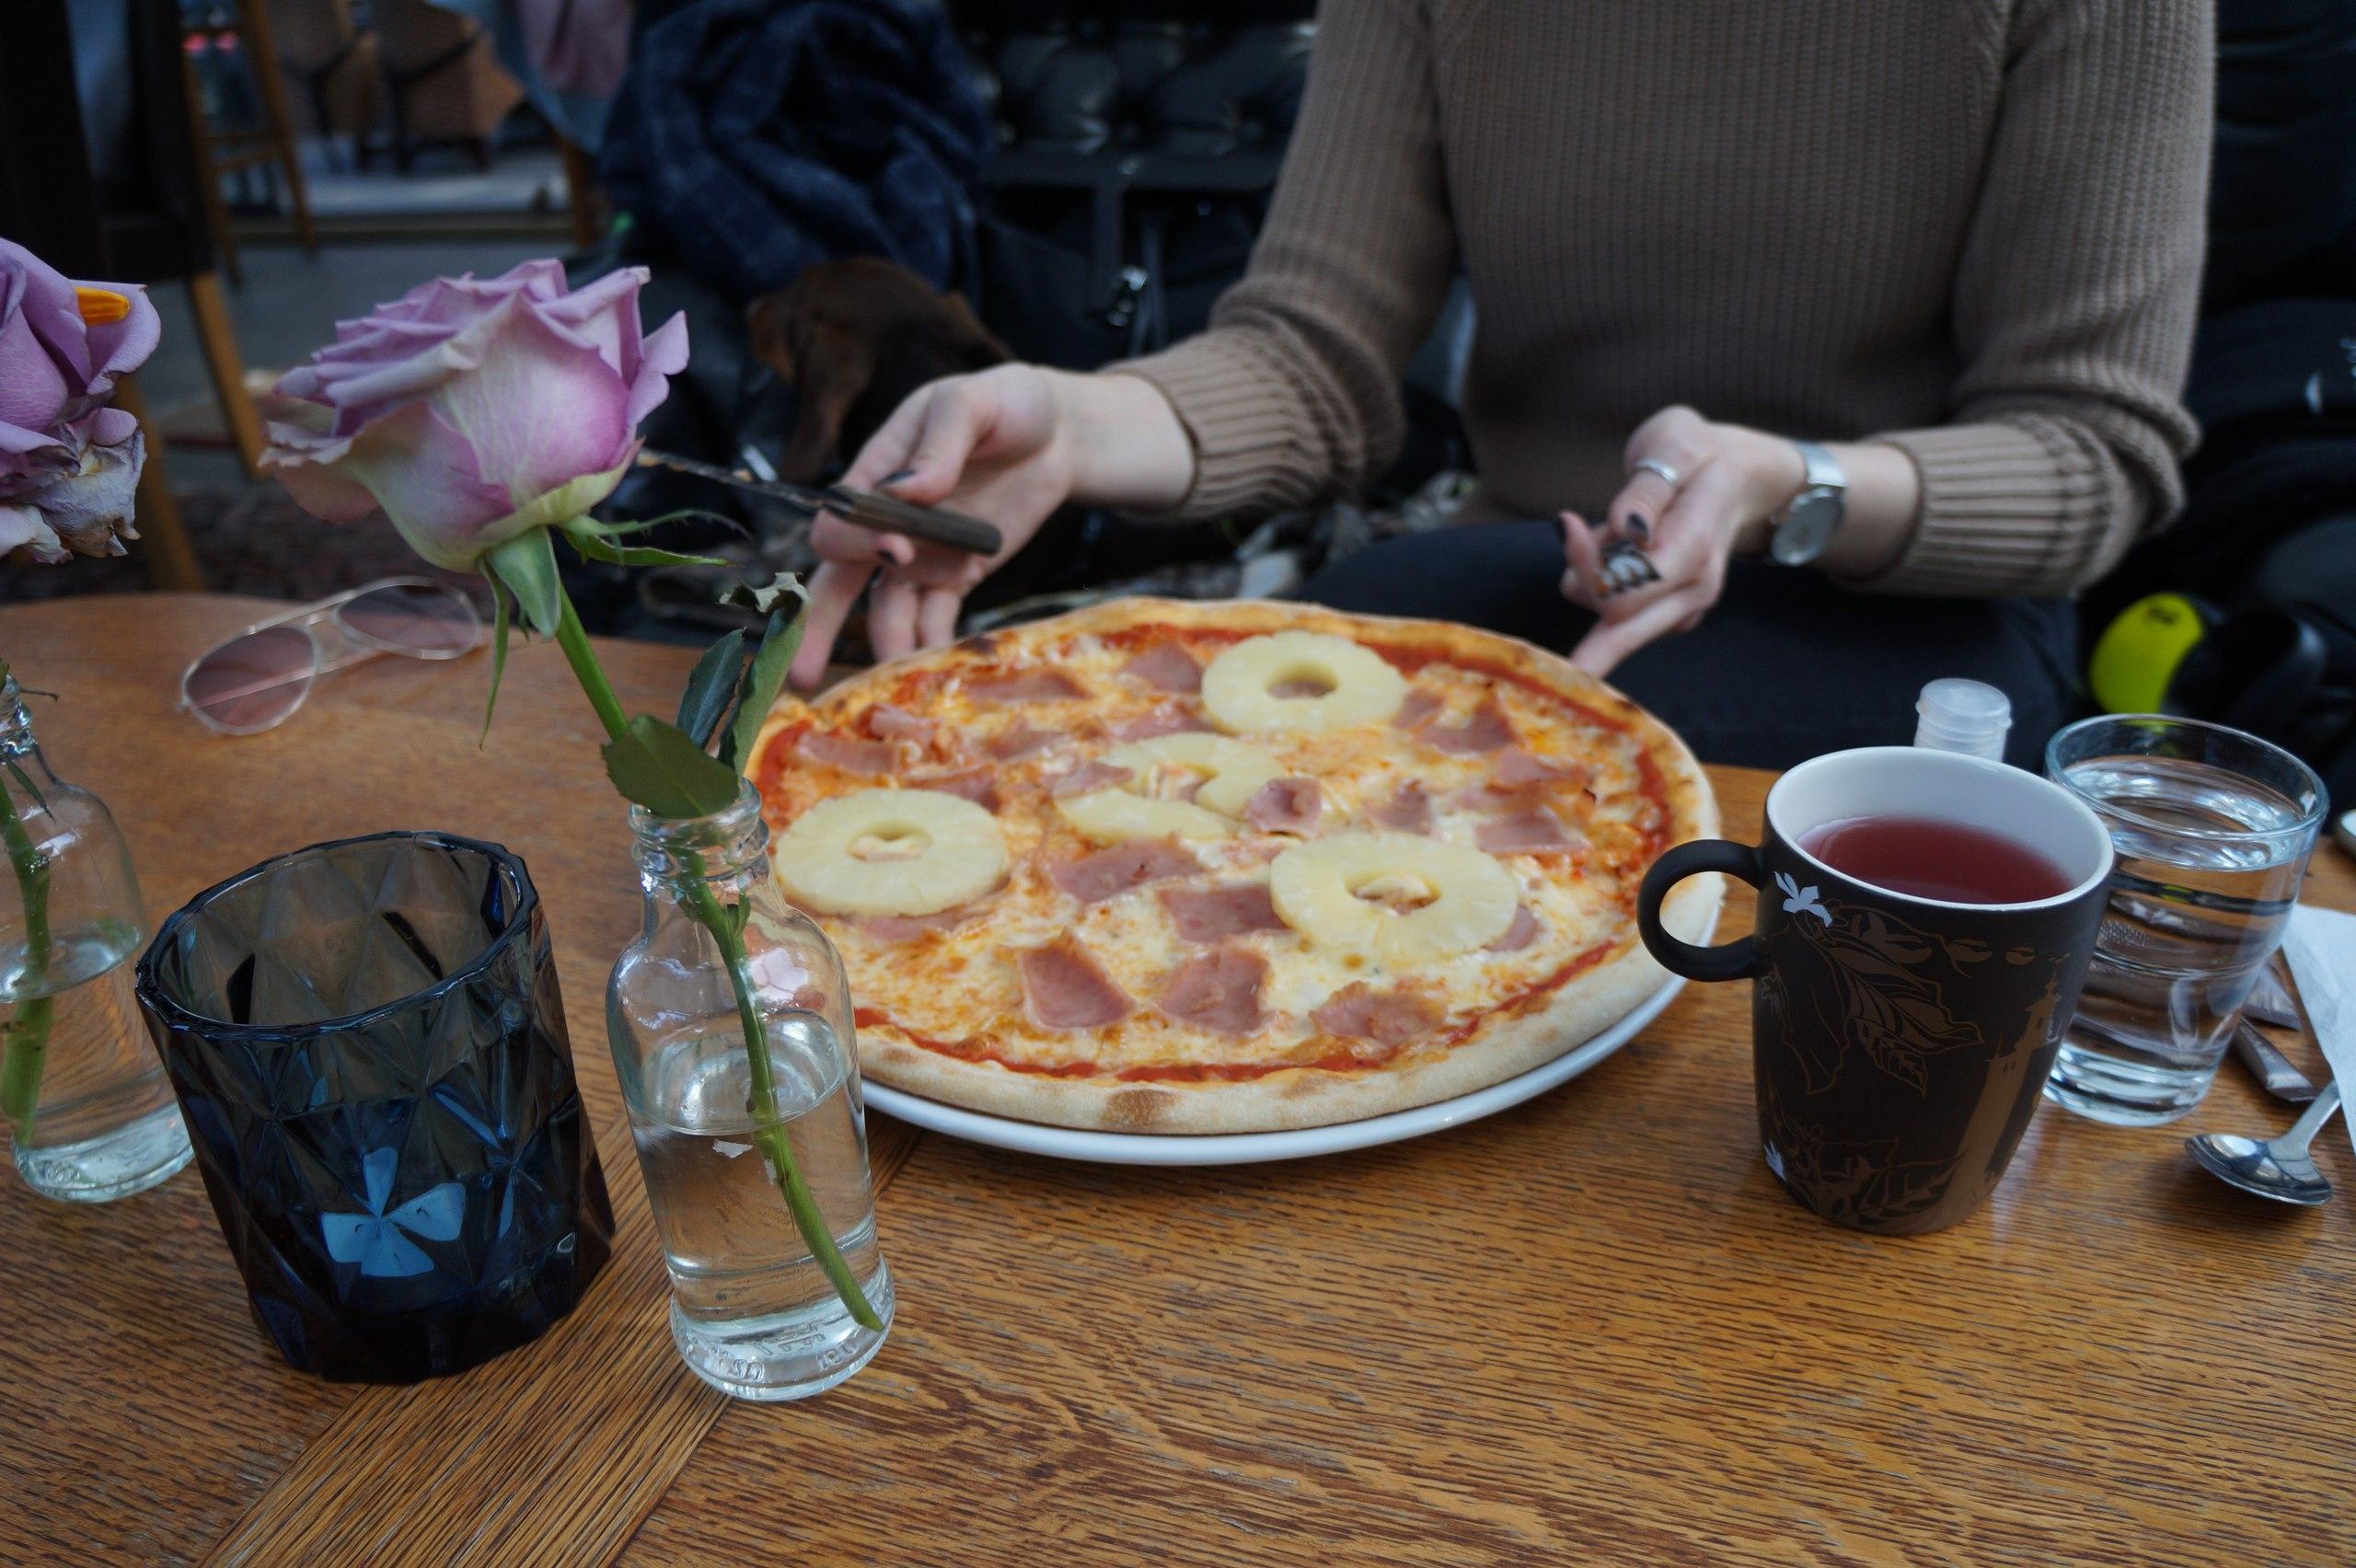 Сколько стоит поесть в ресторане в Швеции рублей, шведы, деньги, сыром, салат, пиццу, стоит, отличие, террасы, такие, интерьера, Интерьер, ограничения, похоже, перекус, приличный, Бизнесланчи, вполне, время, разные